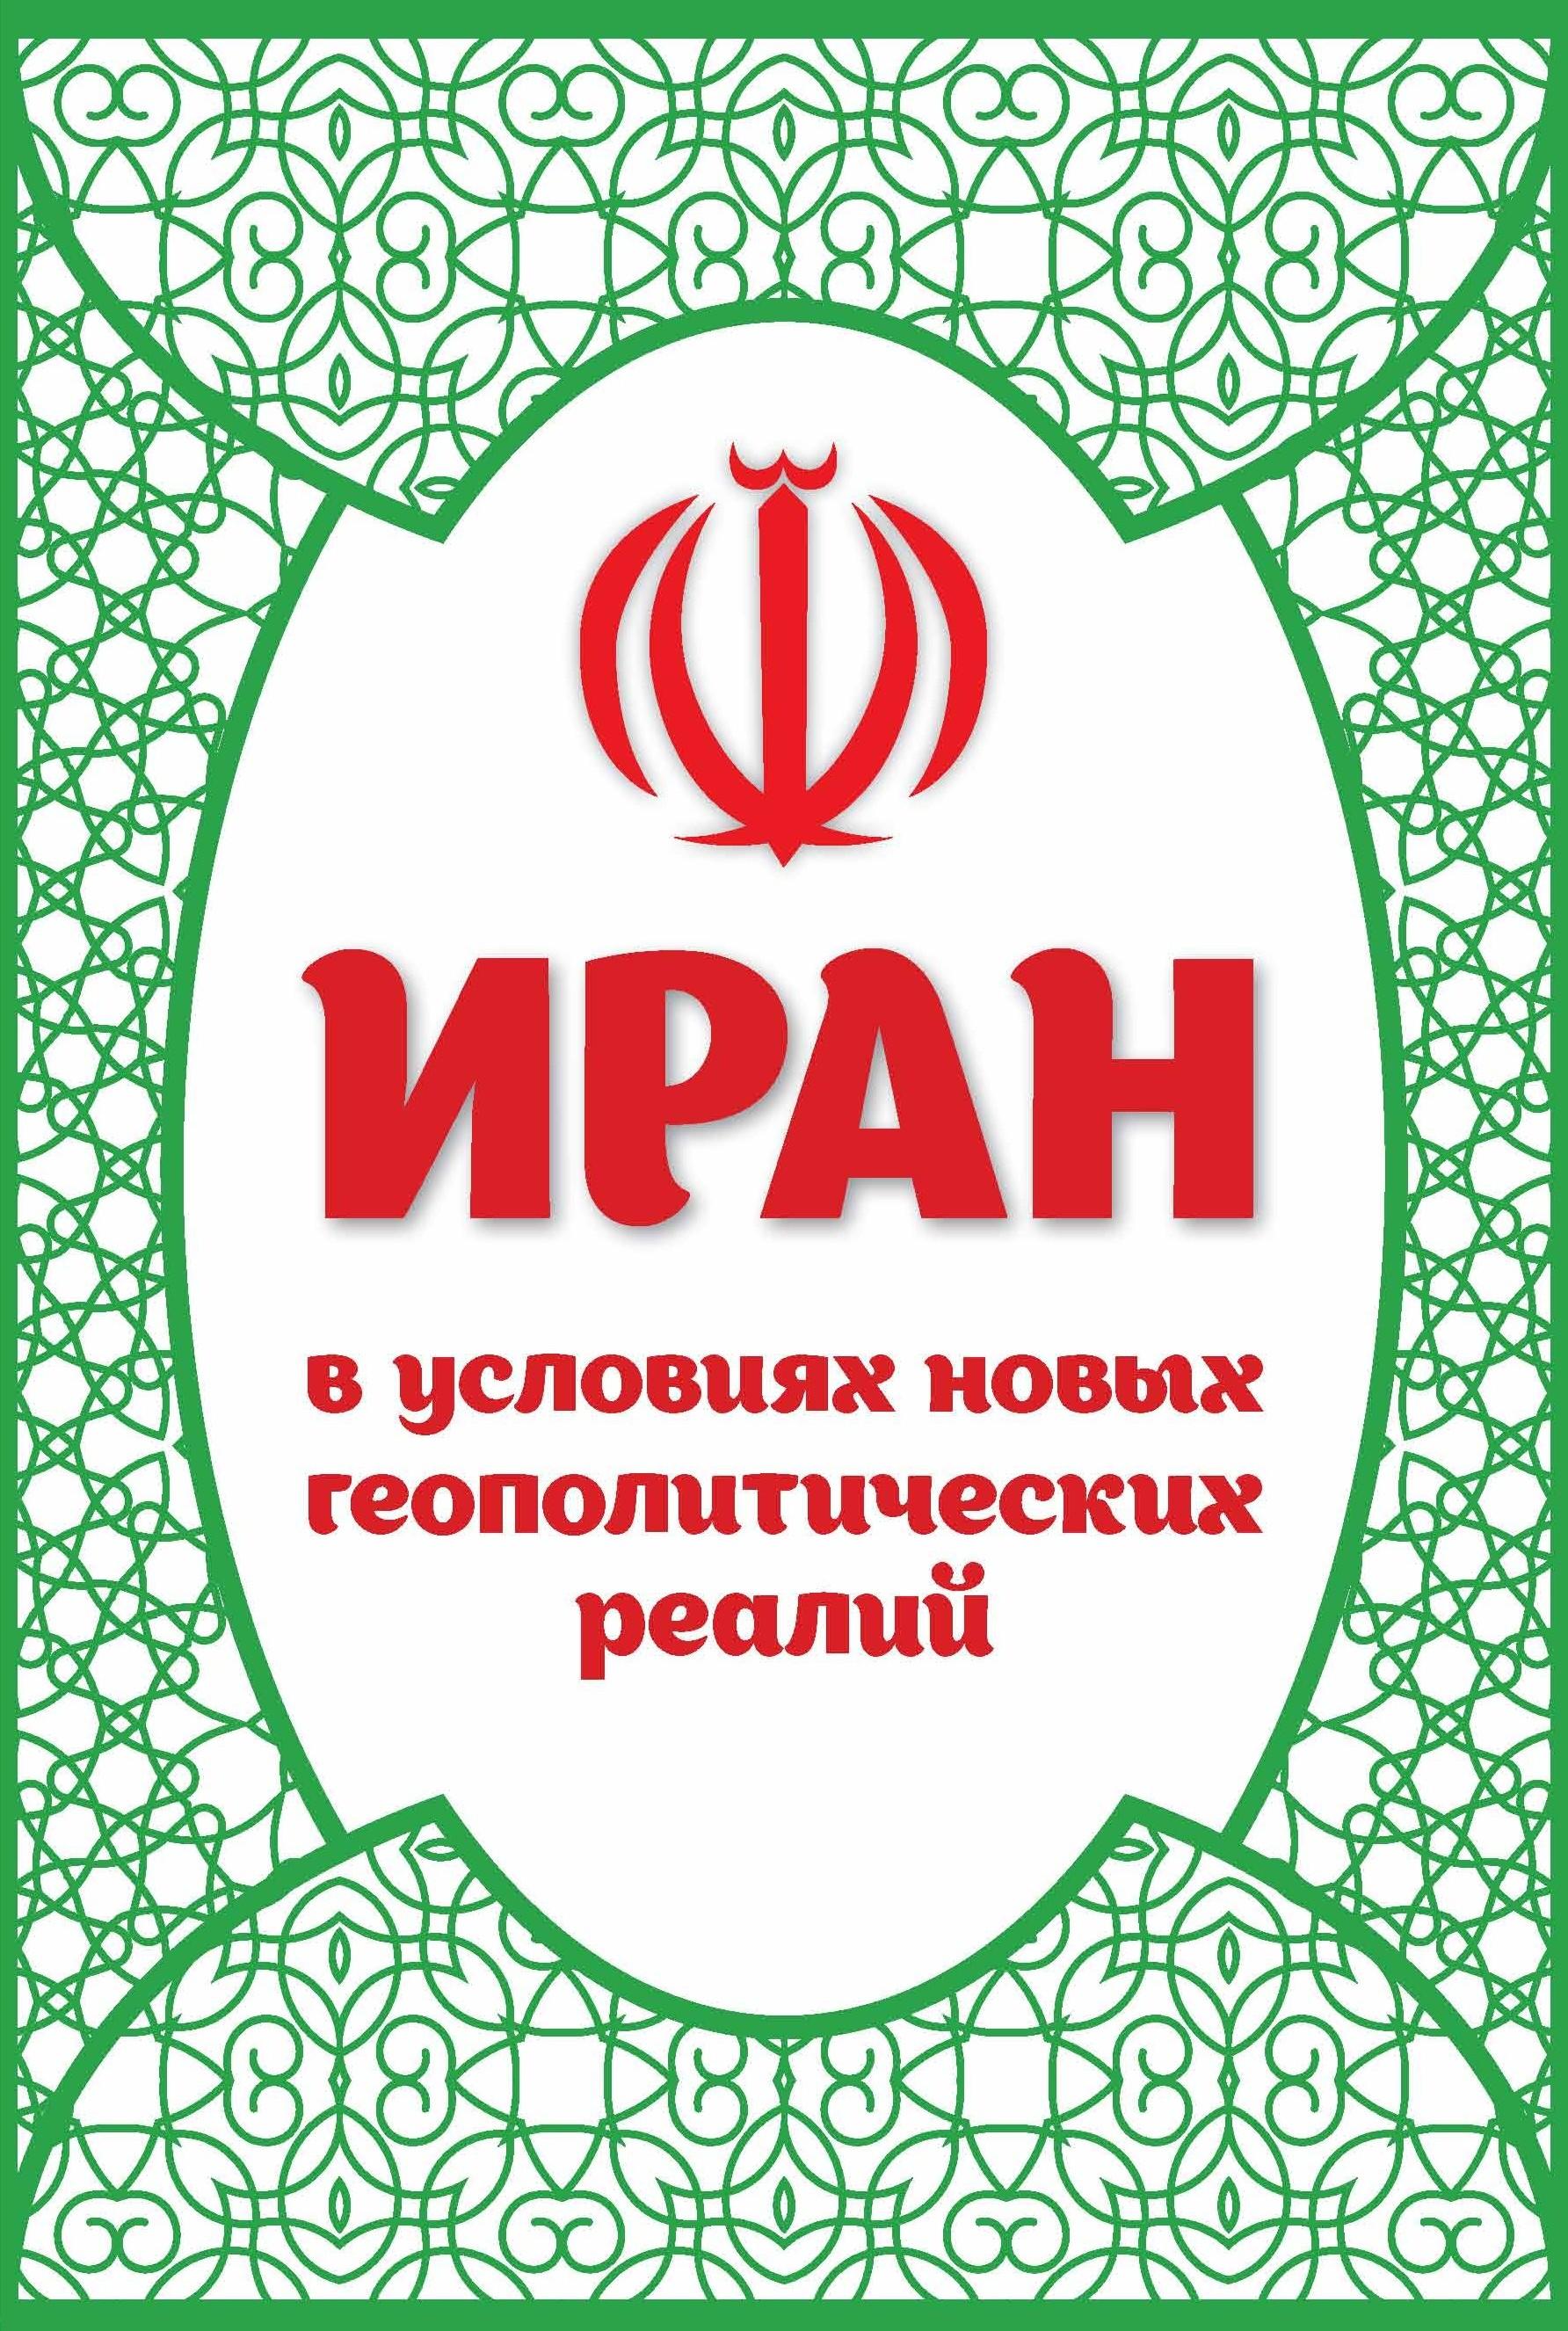 Сборник статей Иран в условиях новых геополитических реалий армения иран история культура современные перспективы взаимодействий сборник статей